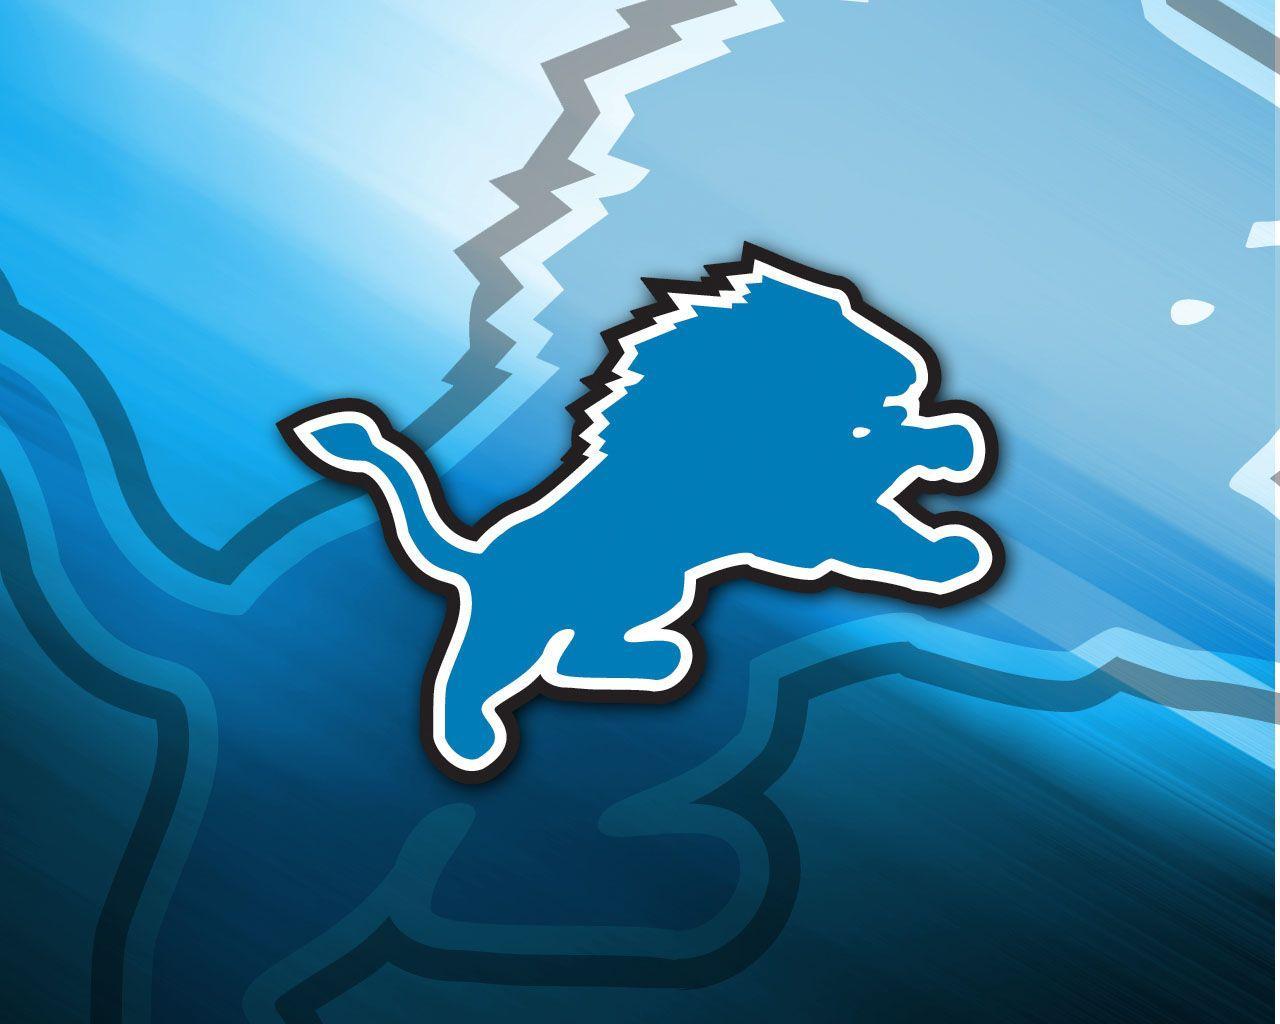 Nfl Detroit Lions Logo Wallpapers Top Free Nfl Detroit Lions